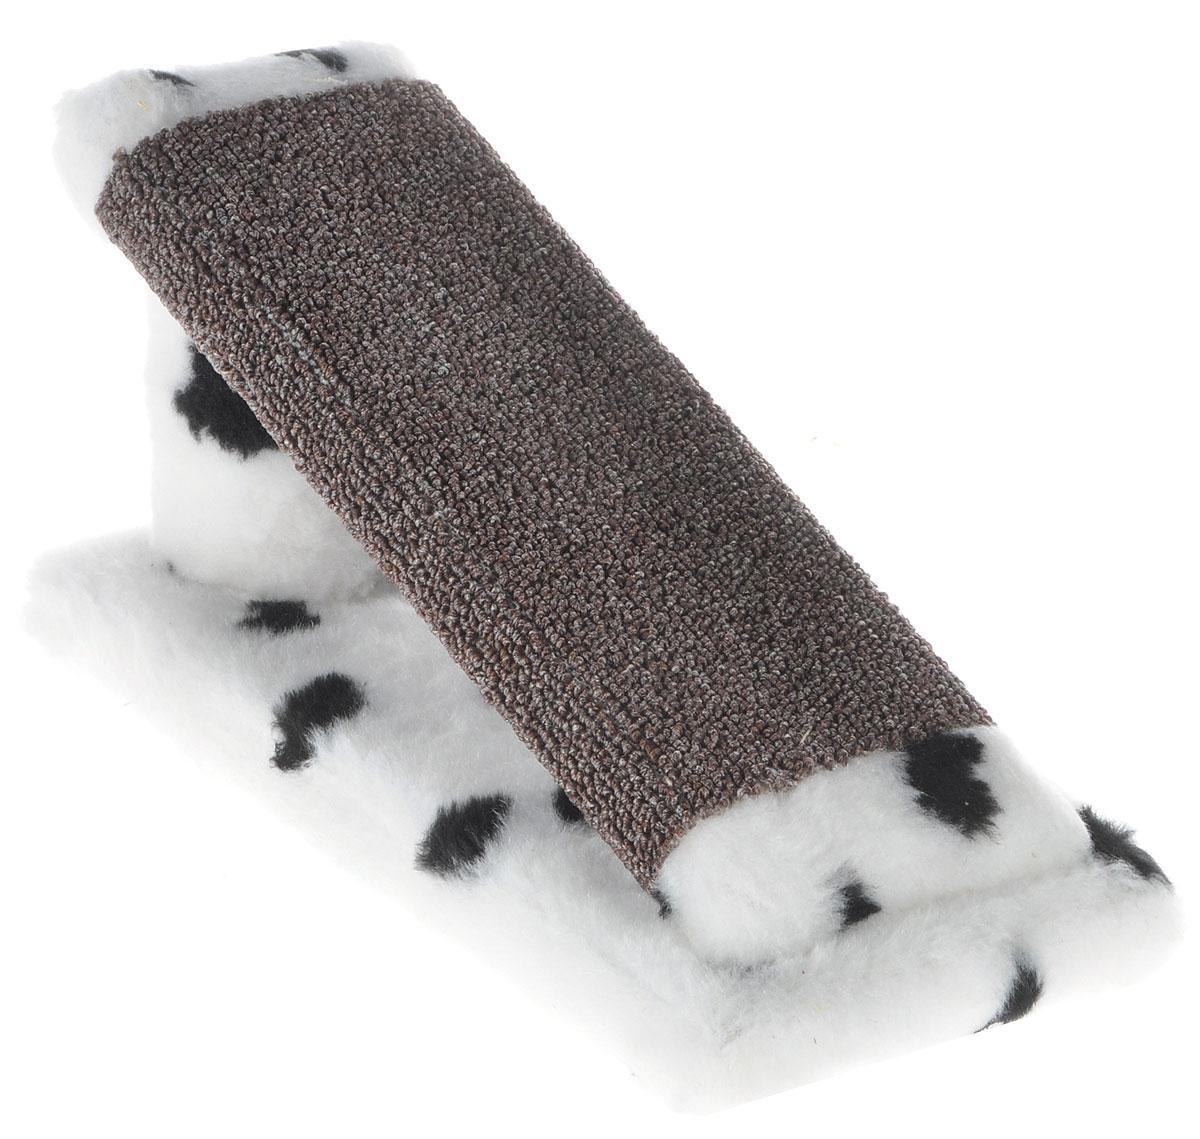 Когтеточка для котят Меридиан Горка, цвет: белый, черный, коричневый, 29 х 14 х 14 см0120710Когтеточка Меридиан Горка предназначена для стачивания когтей вашего котенка и предотвращения их врастания. Она выполнена из ДВП, ДСП и искусственного меха. Точатся когти о накладку из ковролина. Когтеточка позволяет сохранить неповрежденными мебель и другие предметы интерьера.